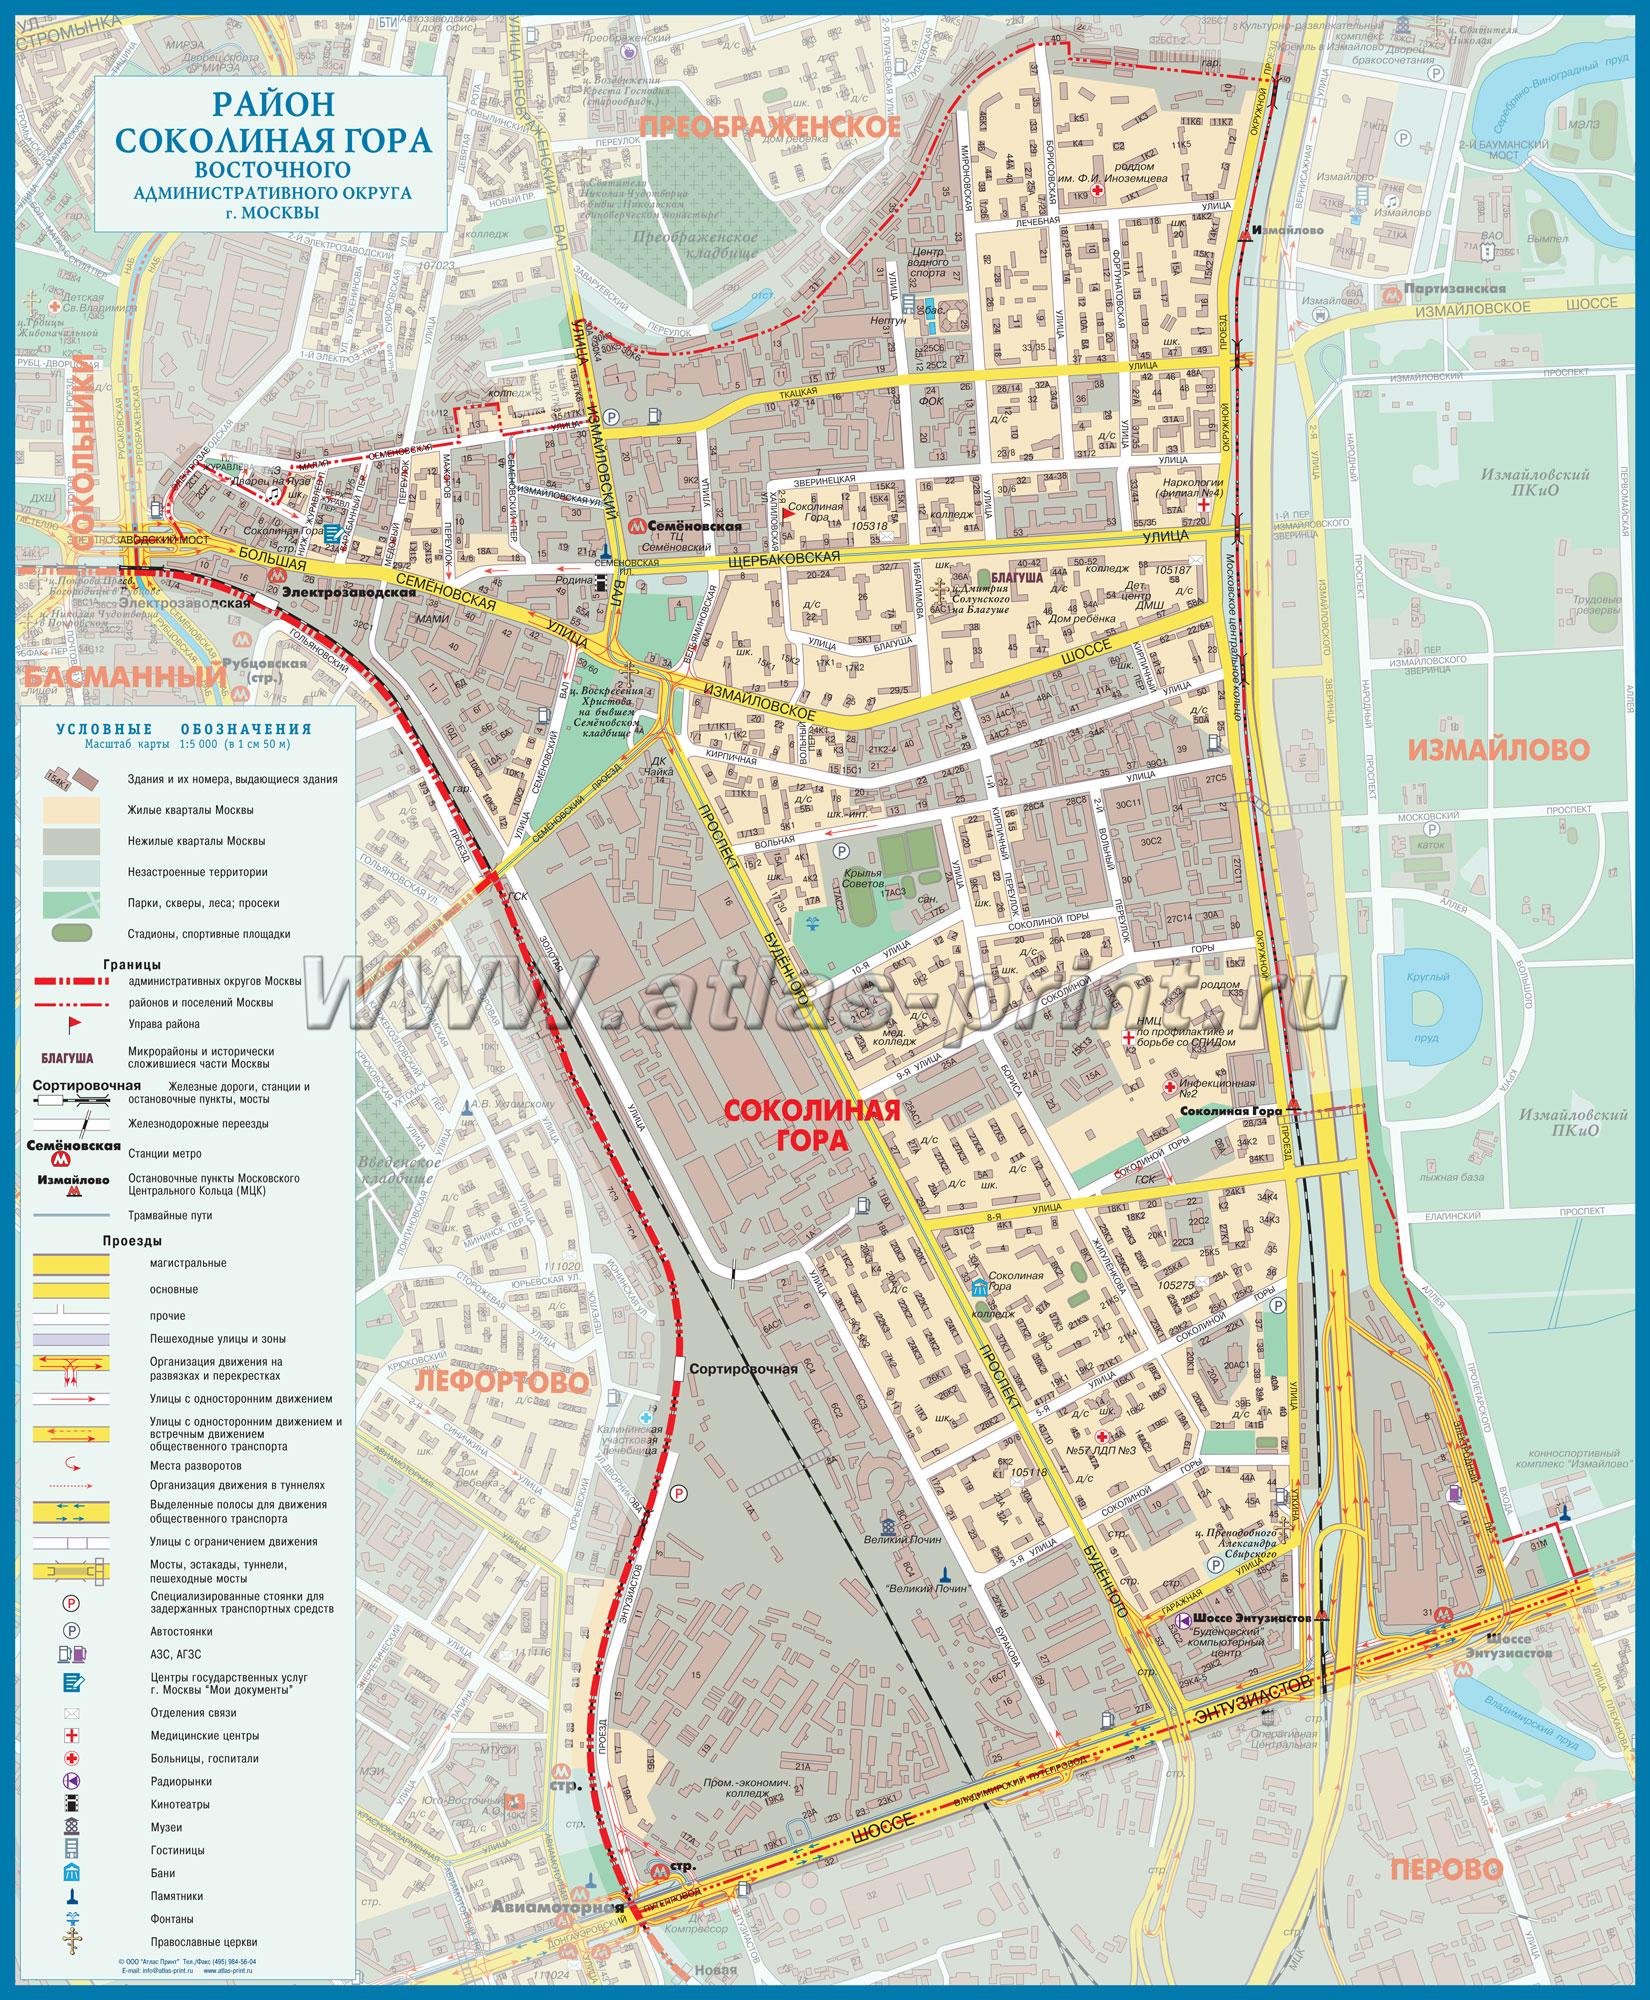 Настенная карта района СОКОЛИНАЯ ГОРА (Восточный административный округ г. Москвы) 0,83*1,00м, ламинированная